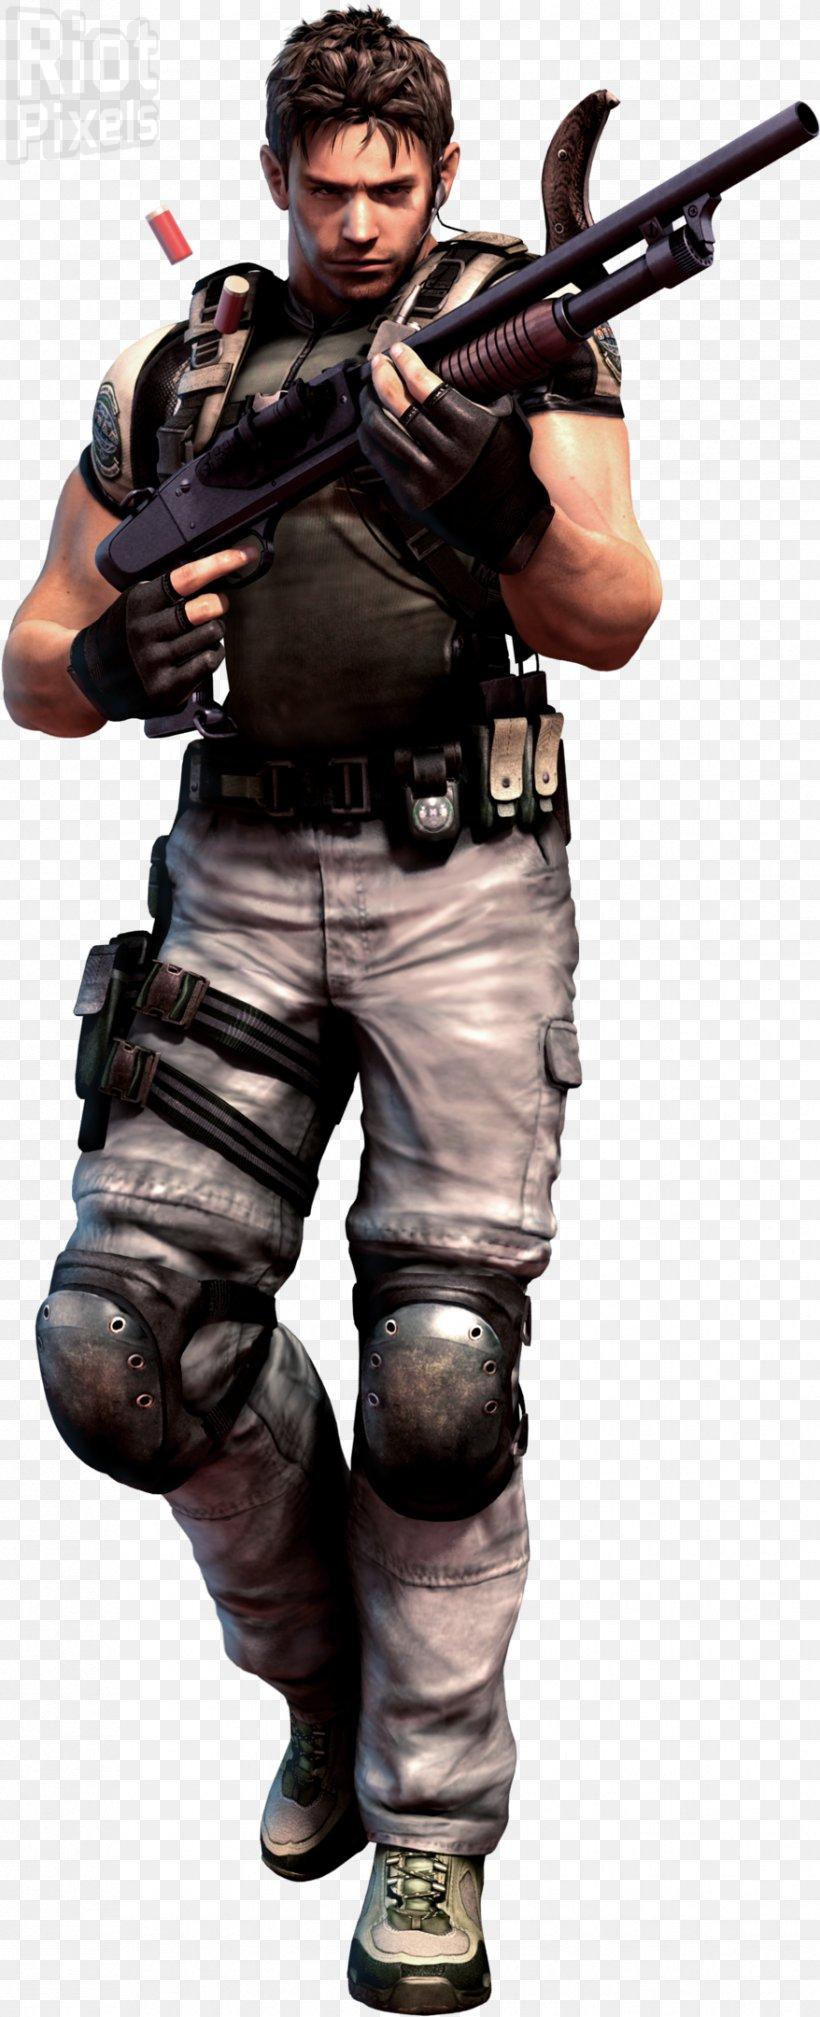 Resident Evil 5 Resident Evil The Mercenaries 3d Resident Evil